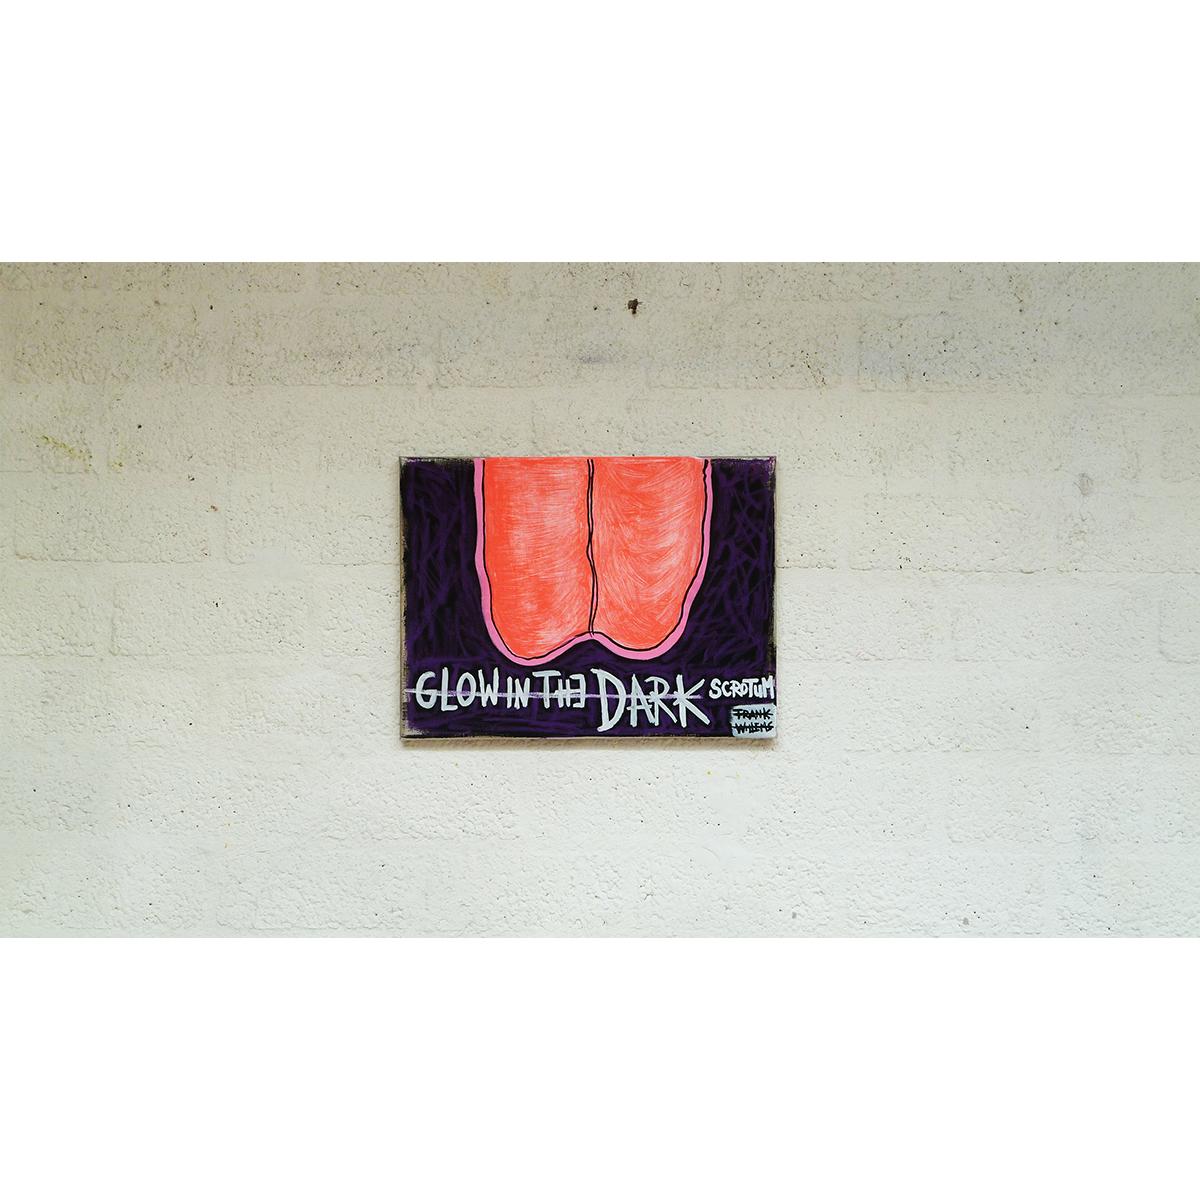 GLOW IN THE DARK SCROTUM 02 - Frank Willems